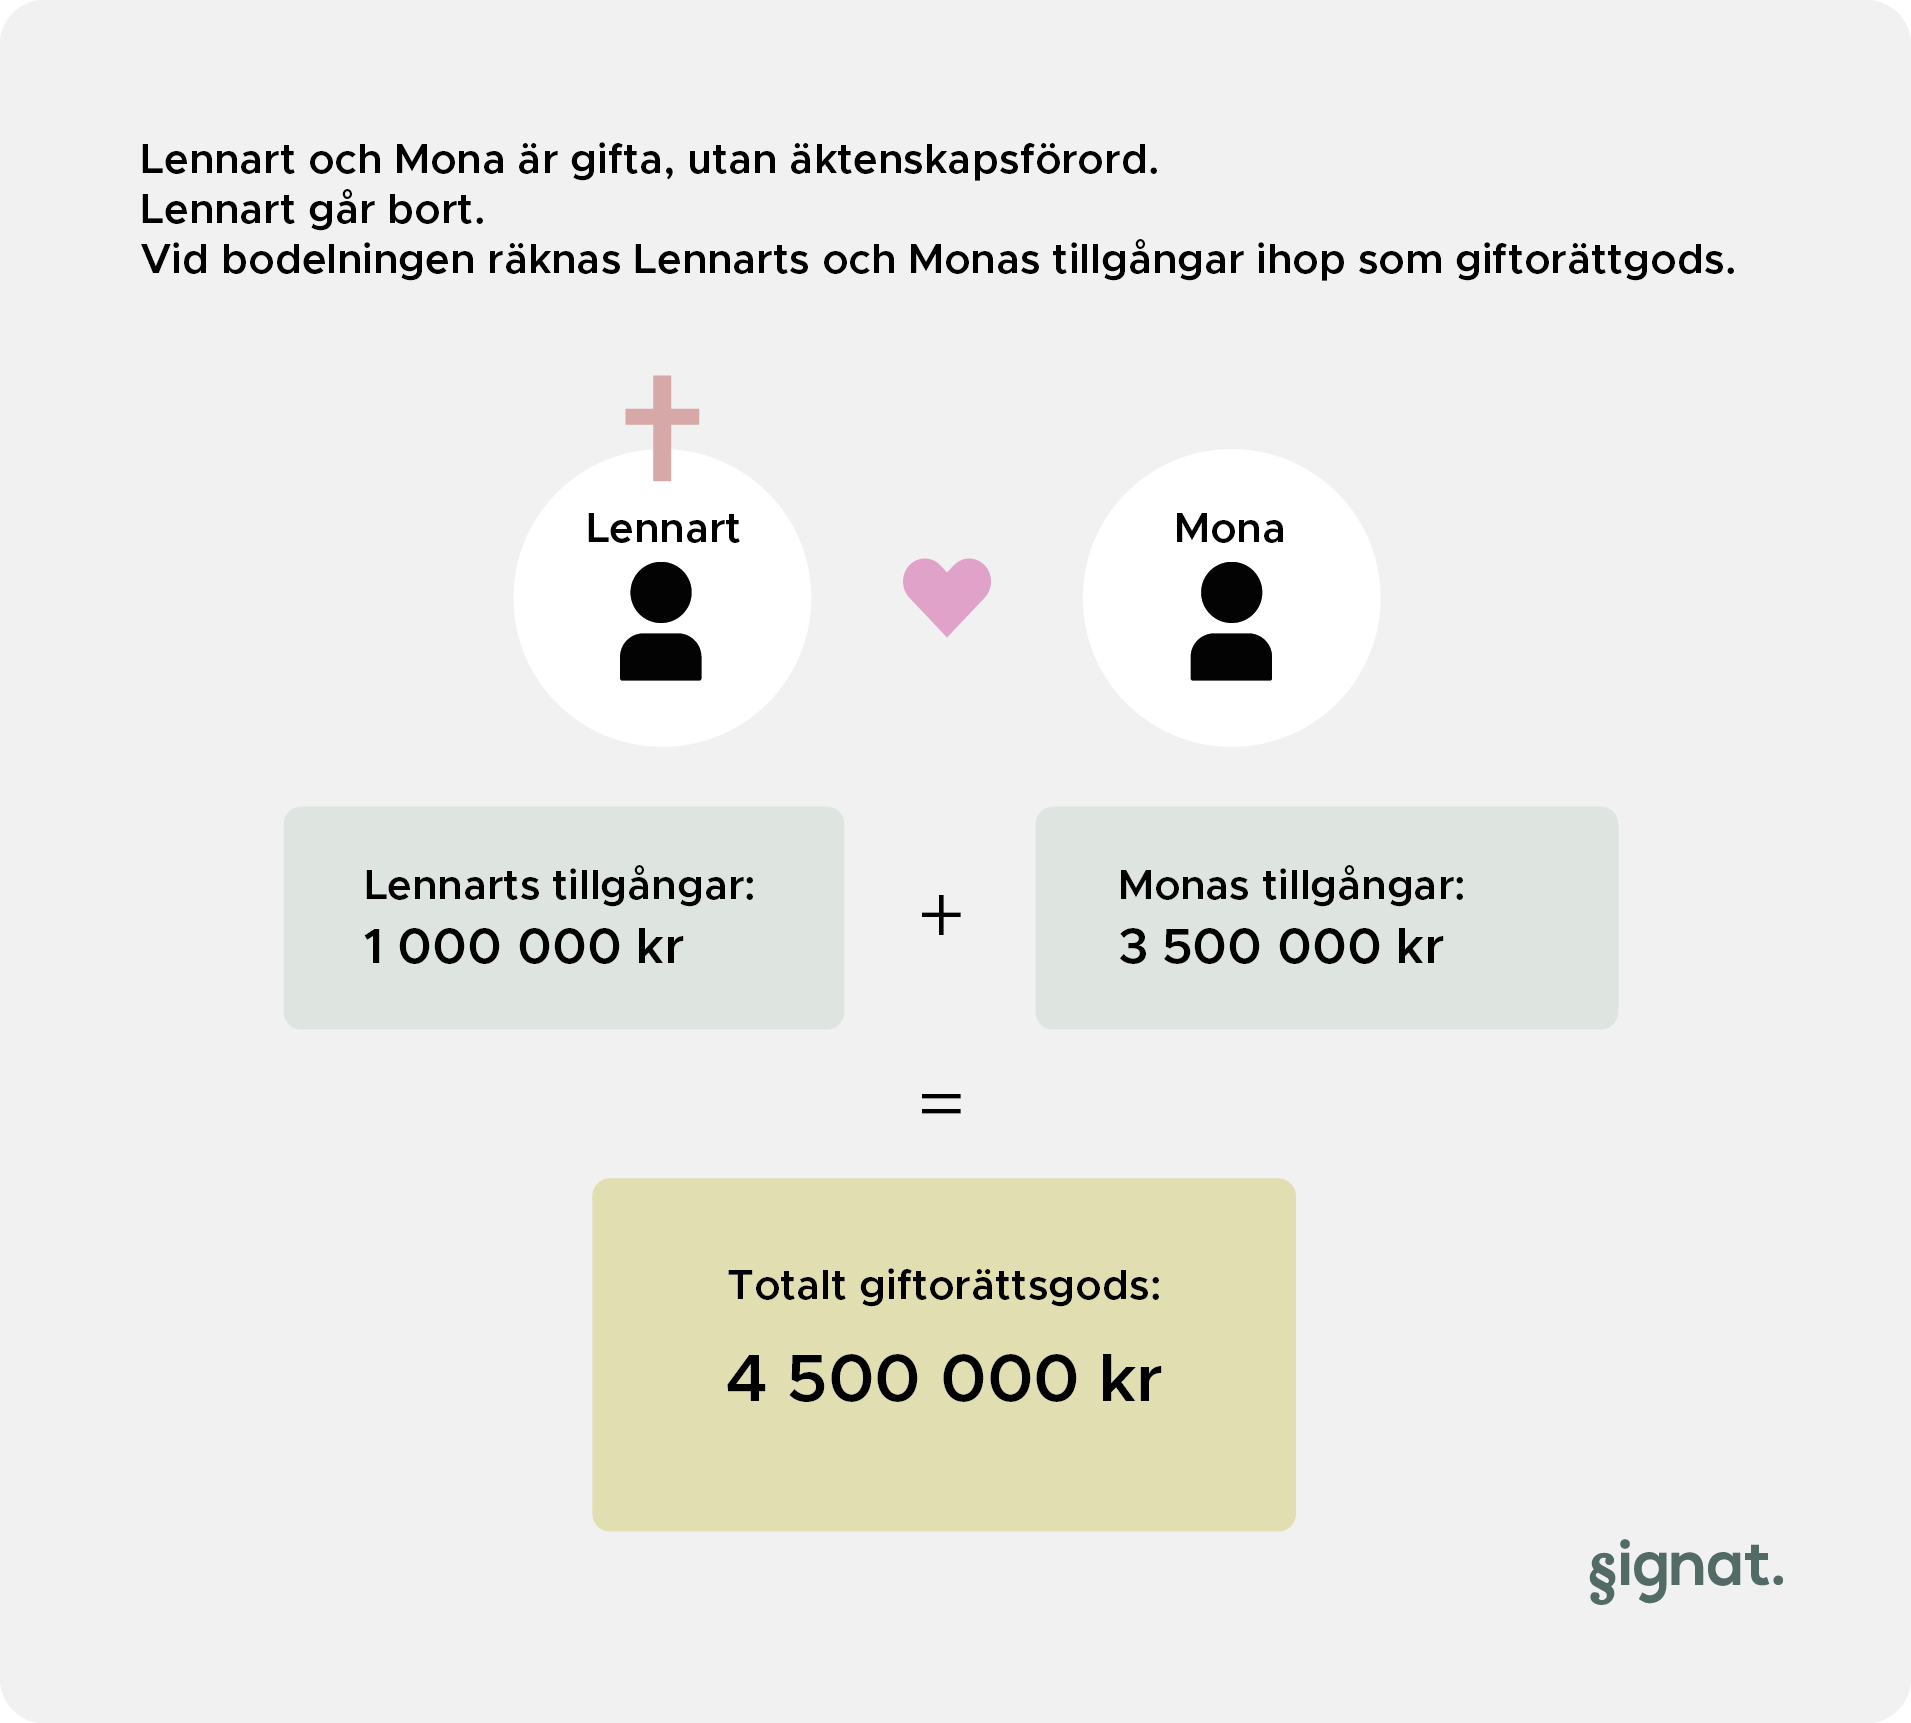 äktenskapsförord dödsfall gifta fakta